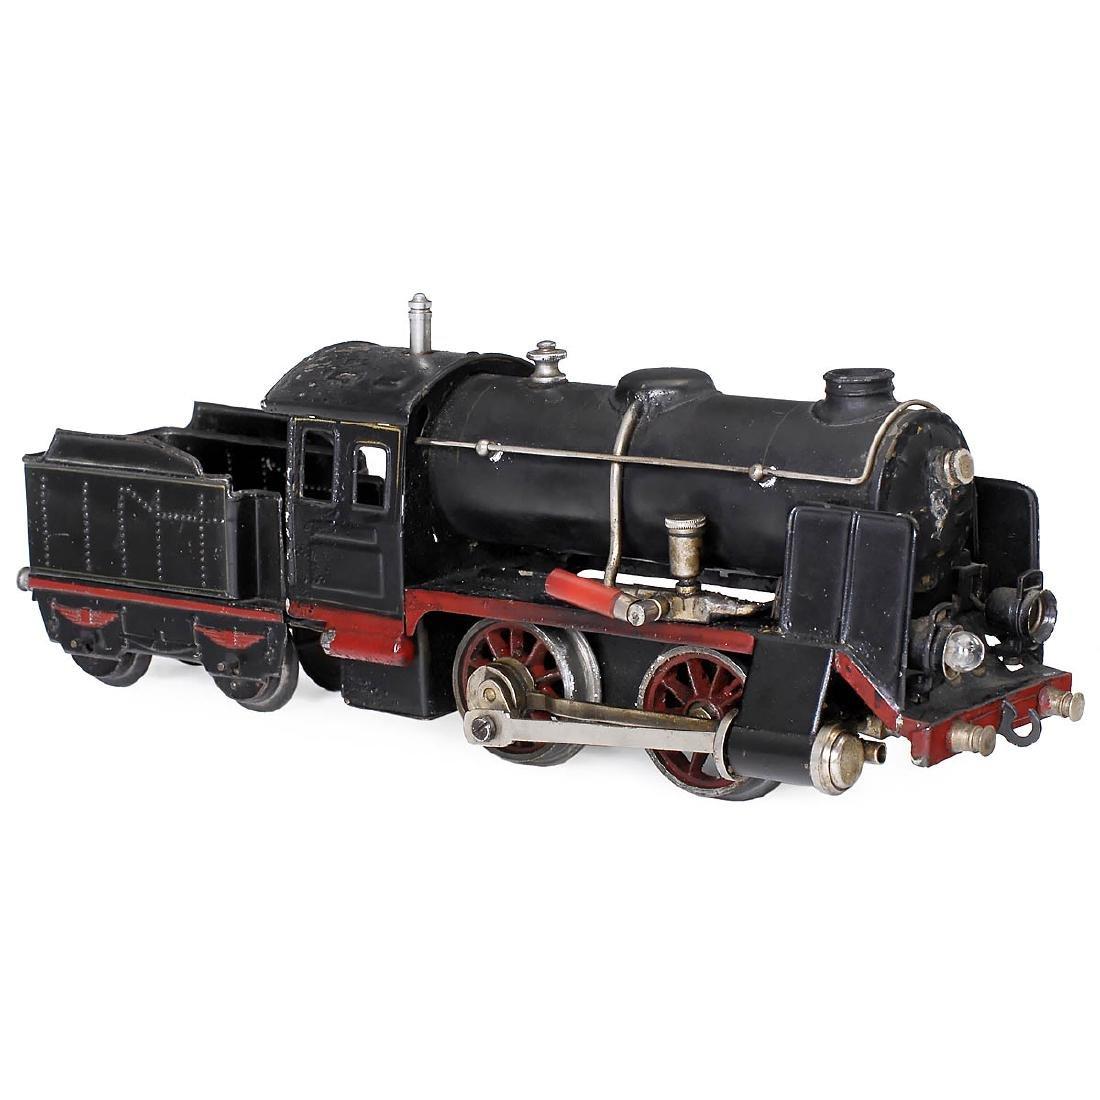 Märklin No. 4000 Spirit Steam Locomotive, c. 1925